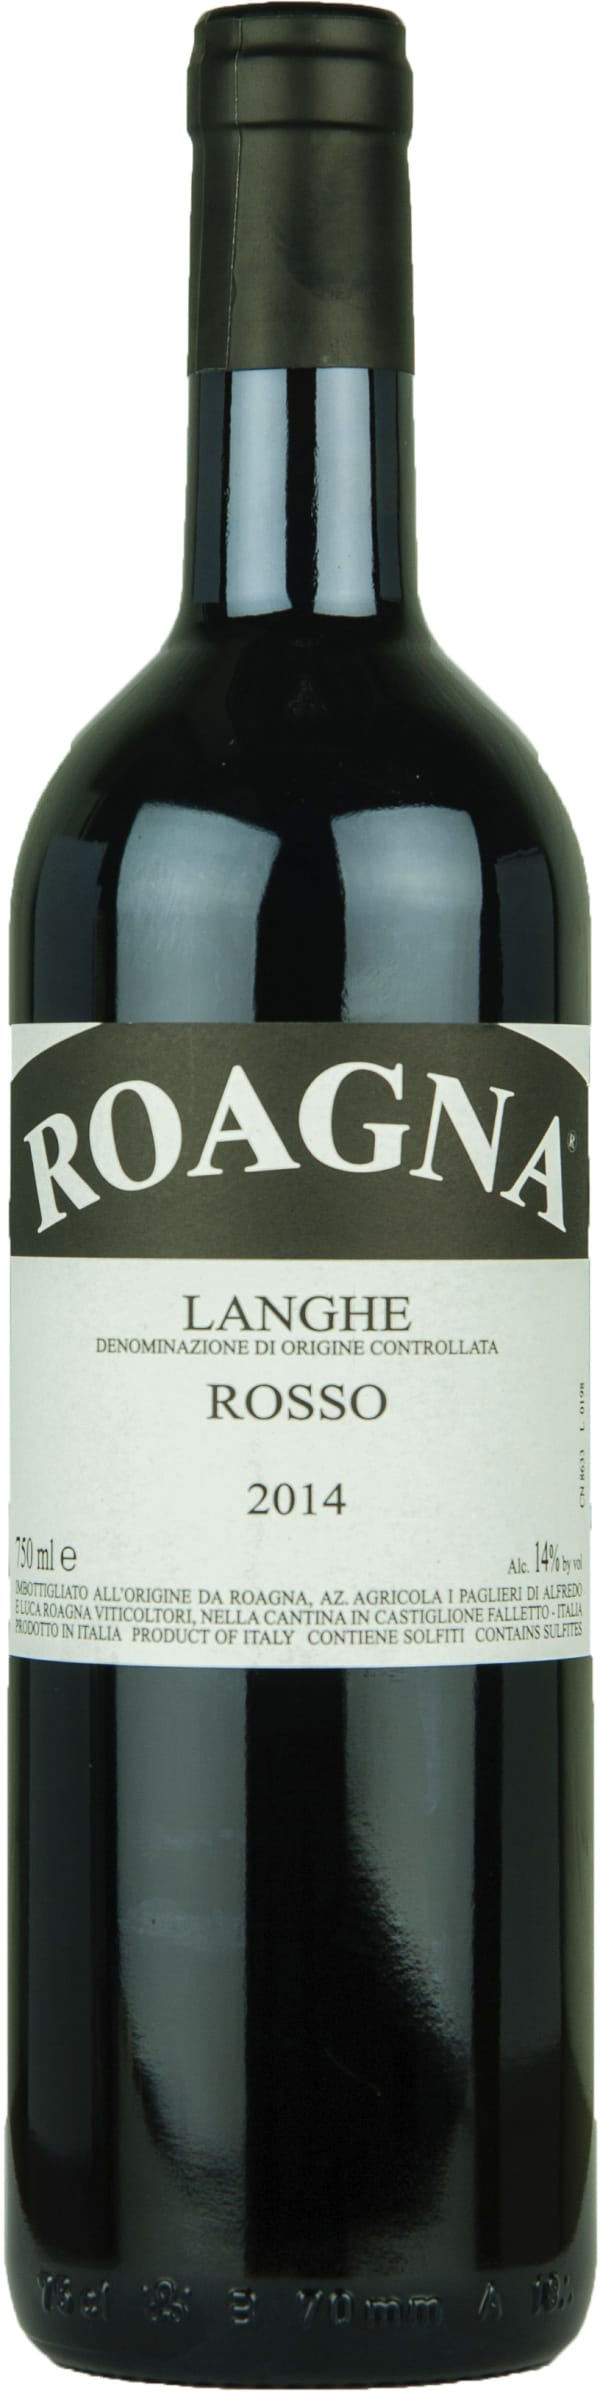 Roagna Langhe Rosso 2014